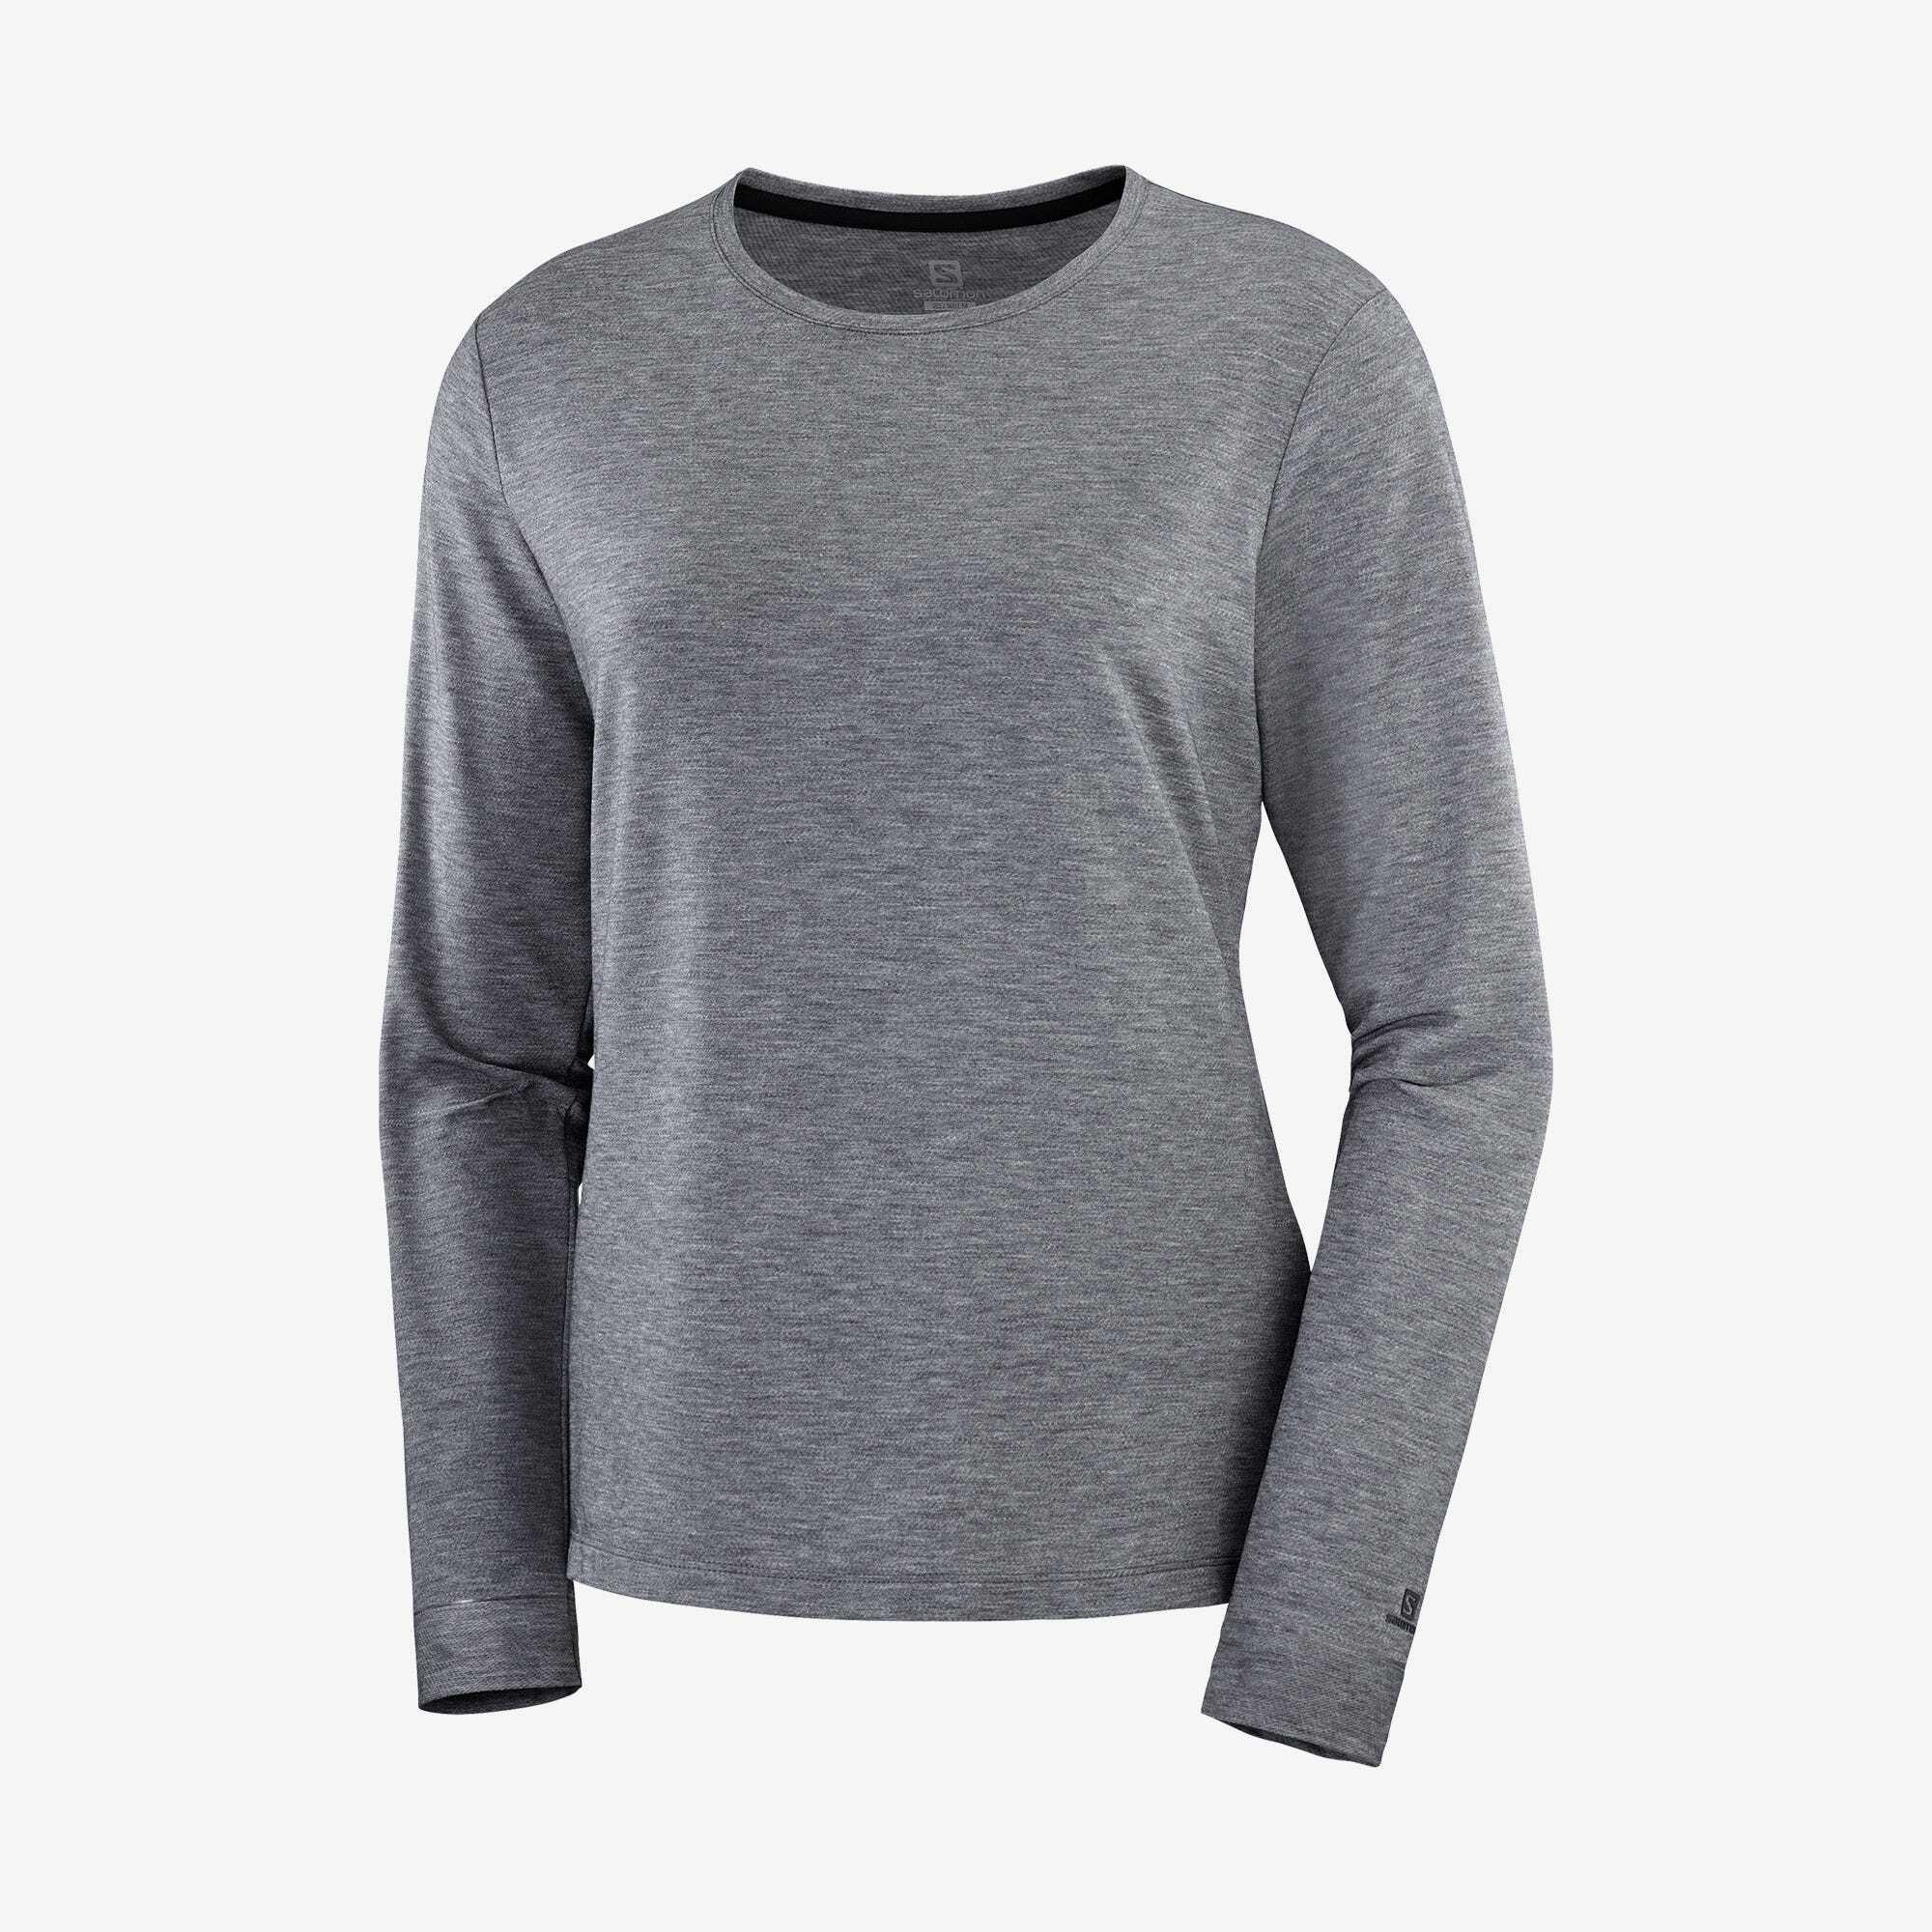 Salomon サロモン ESSENTIAL LS TEE W Black ウィメンズ/レディース エッセンシャルロングスリーブTシャツ ブラック LC1472700